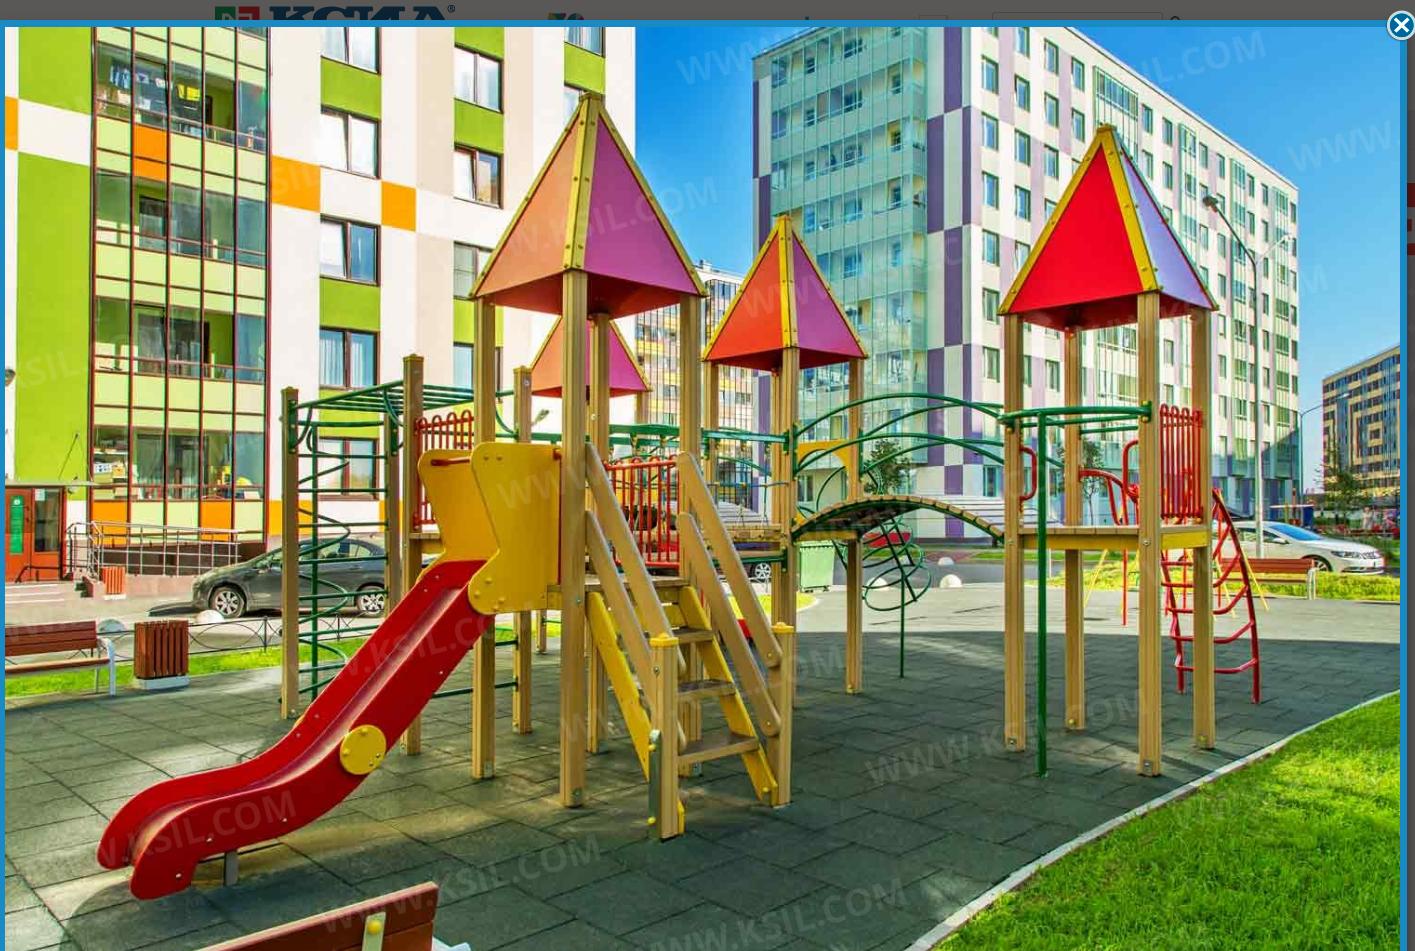 Фрегат для малышей. Совсем скоро начнутся строительные работы на детской площадке во дворе дома на ул. Талнахской, 10